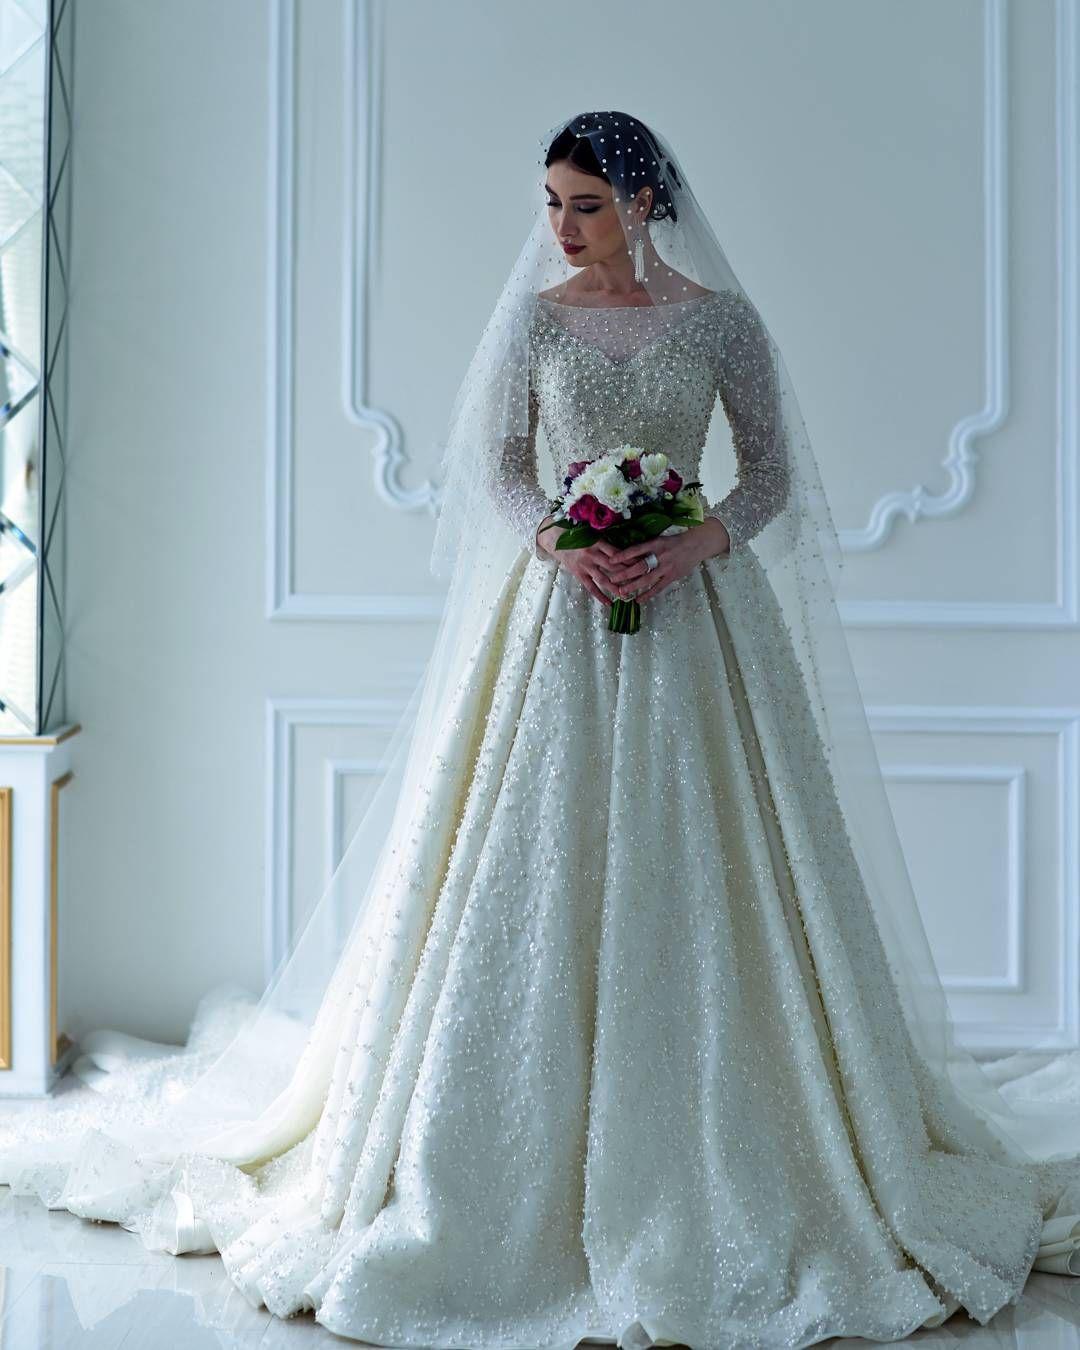 Картинки свадебных платьев в чечне